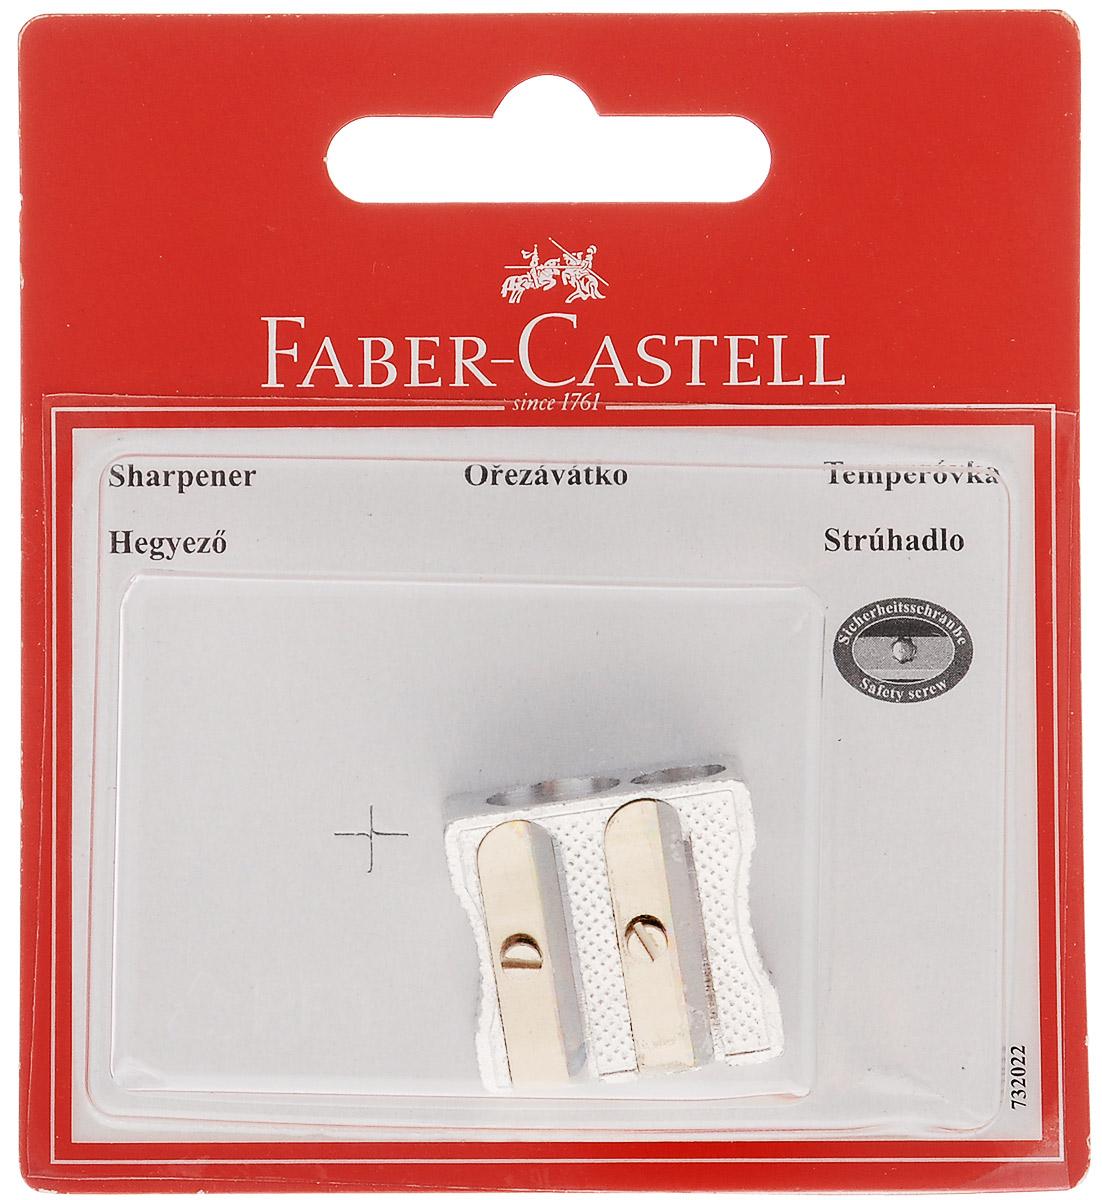 Металлическая точилка Faber-Castell предназначена для затачивания классических, трехгранных графитовых, простых и цветных карандашей. В точилке имеются два отверстия для карандашей разного диаметра. Острые стальные лезвия обеспечивают высококачественную и точную заточку деревянных карандашей.